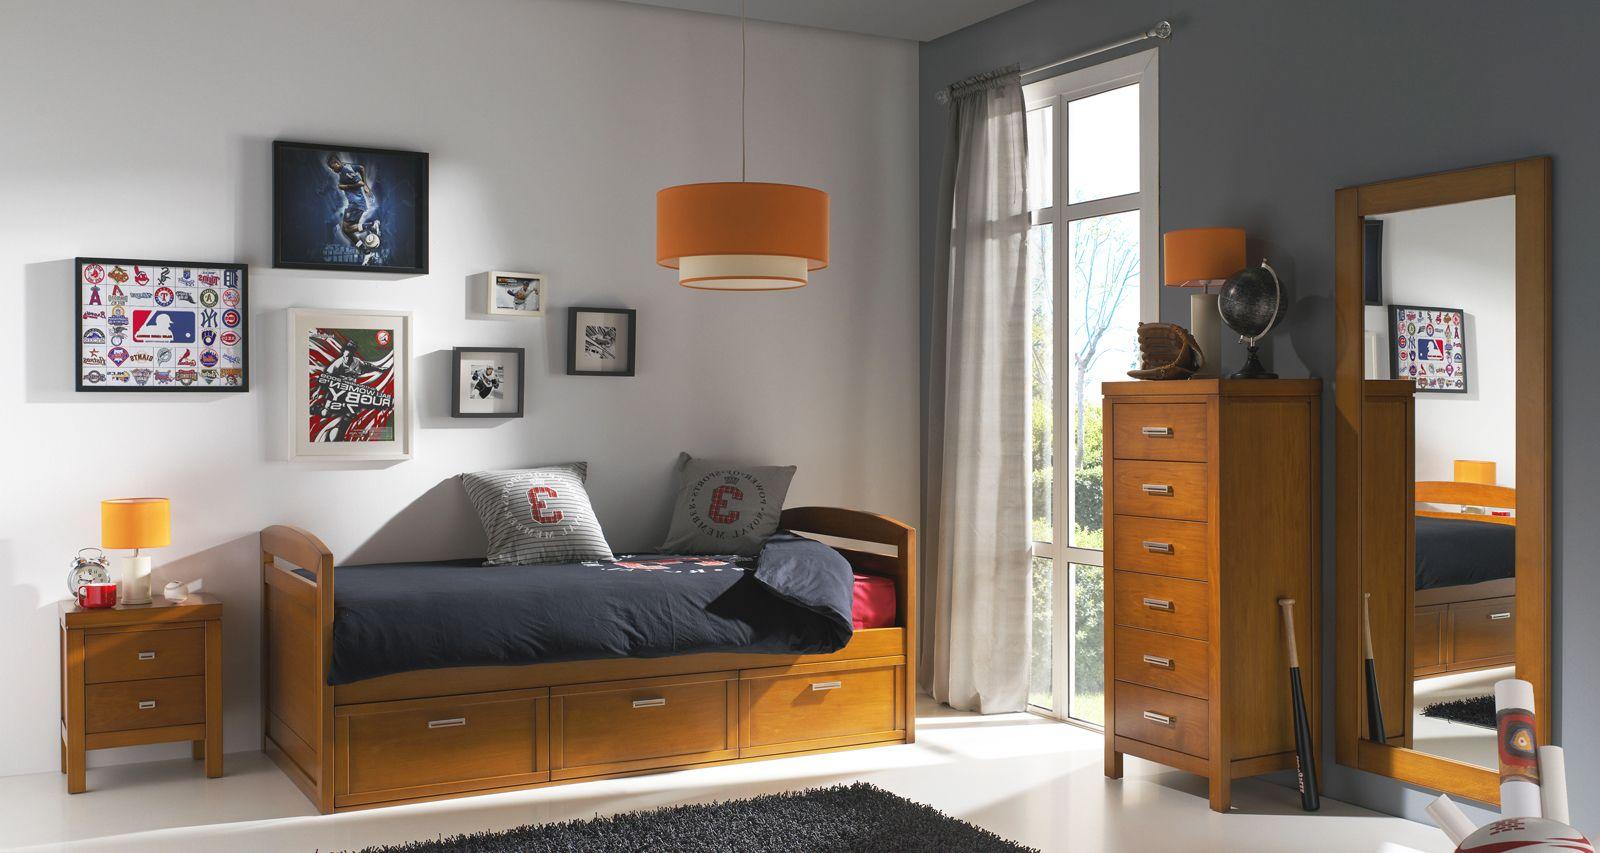 Dormitorio juvenil de madera con cama nido con cajones m s info en muebles - Dormitorios juveniles de madera maciza ...